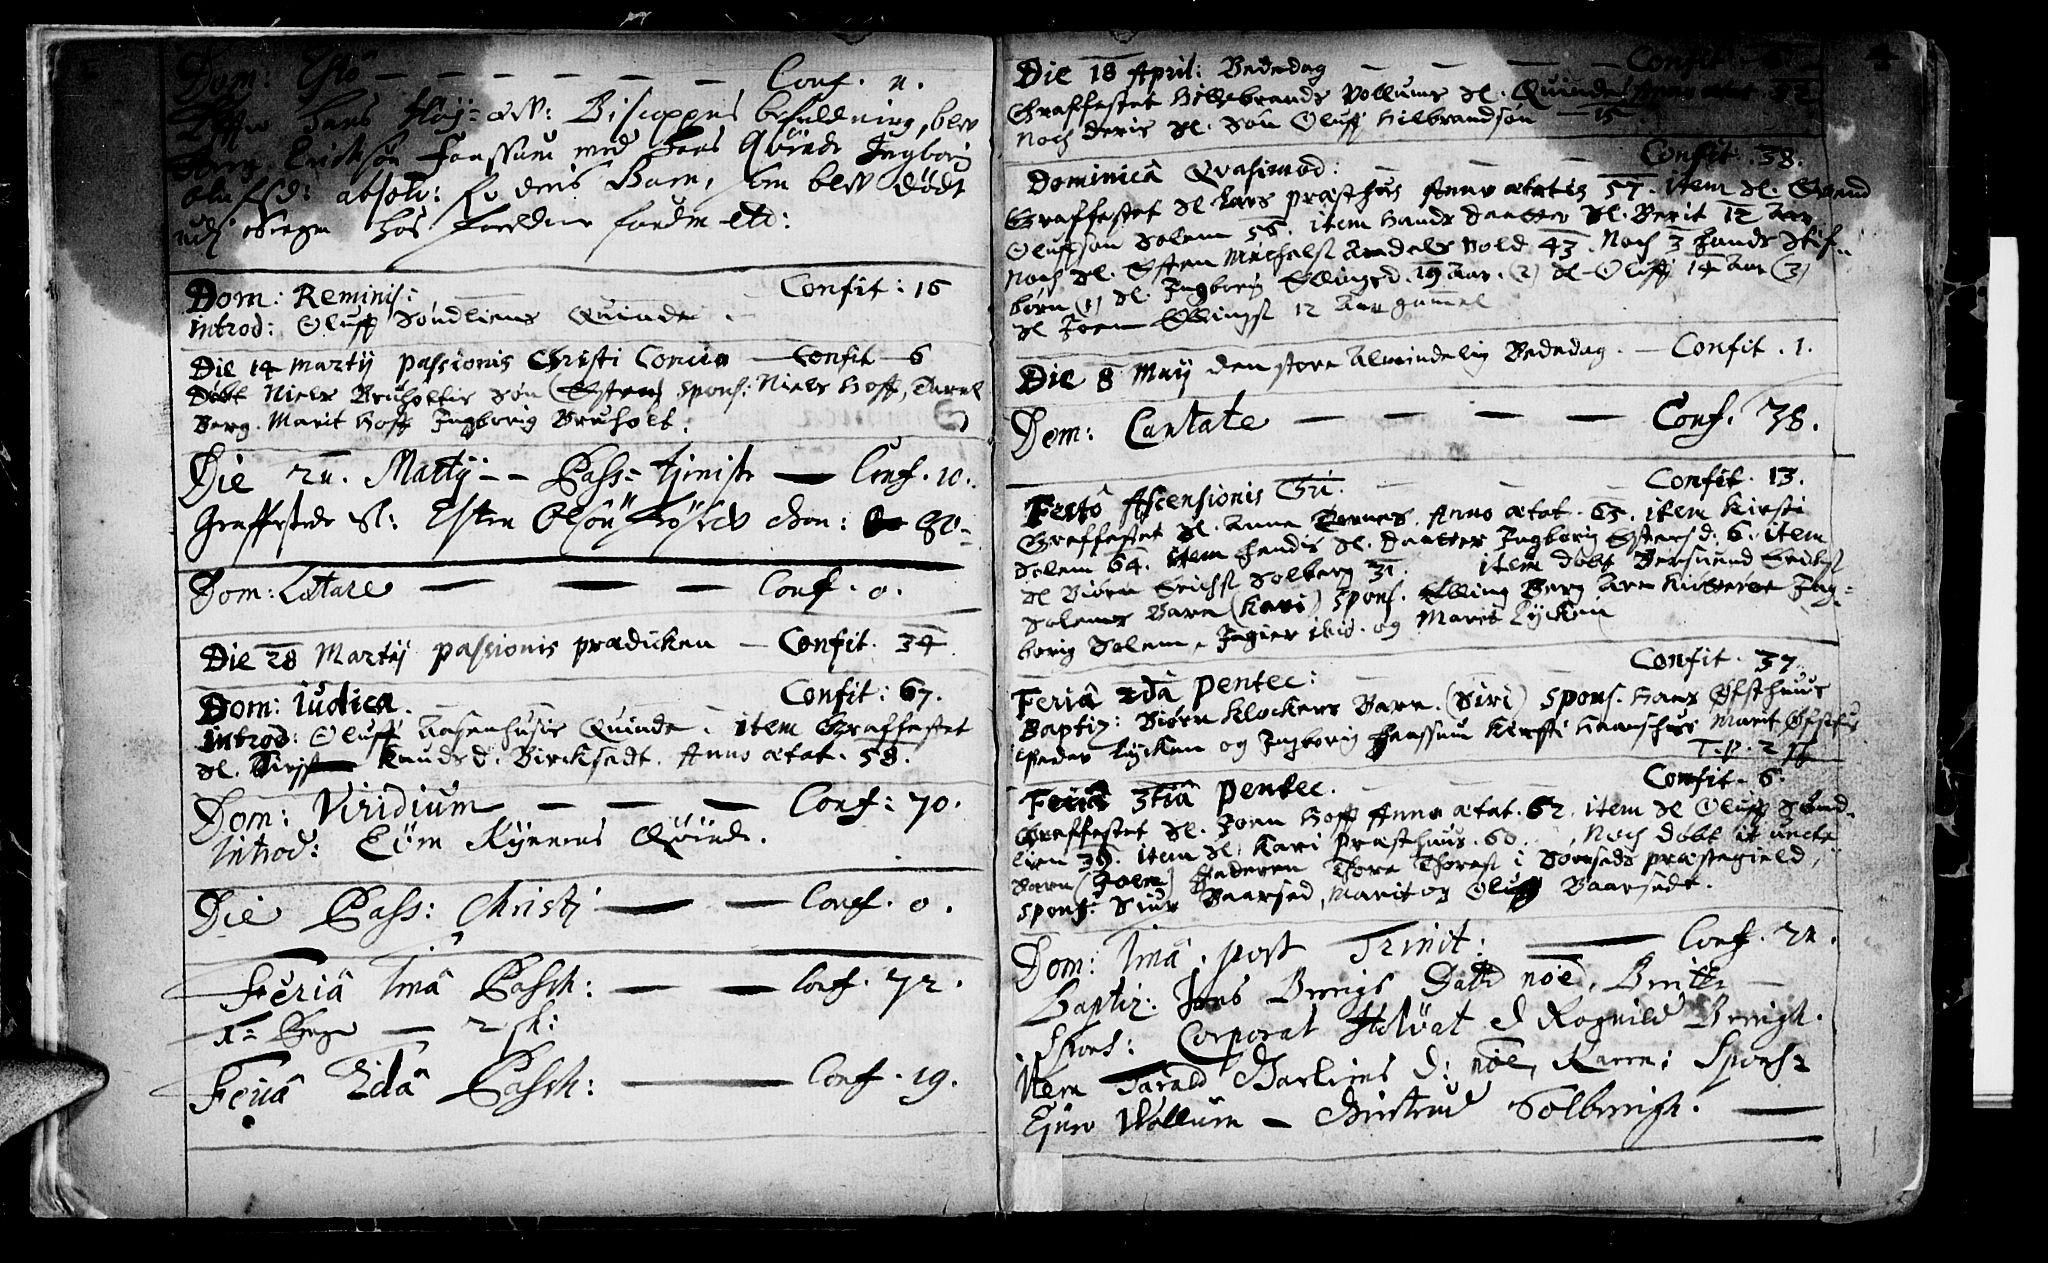 SAT, Ministerialprotokoller, klokkerbøker og fødselsregistre - Sør-Trøndelag, 689/L1036: Ministerialbok nr. 689A01, 1696-1746, s. 4